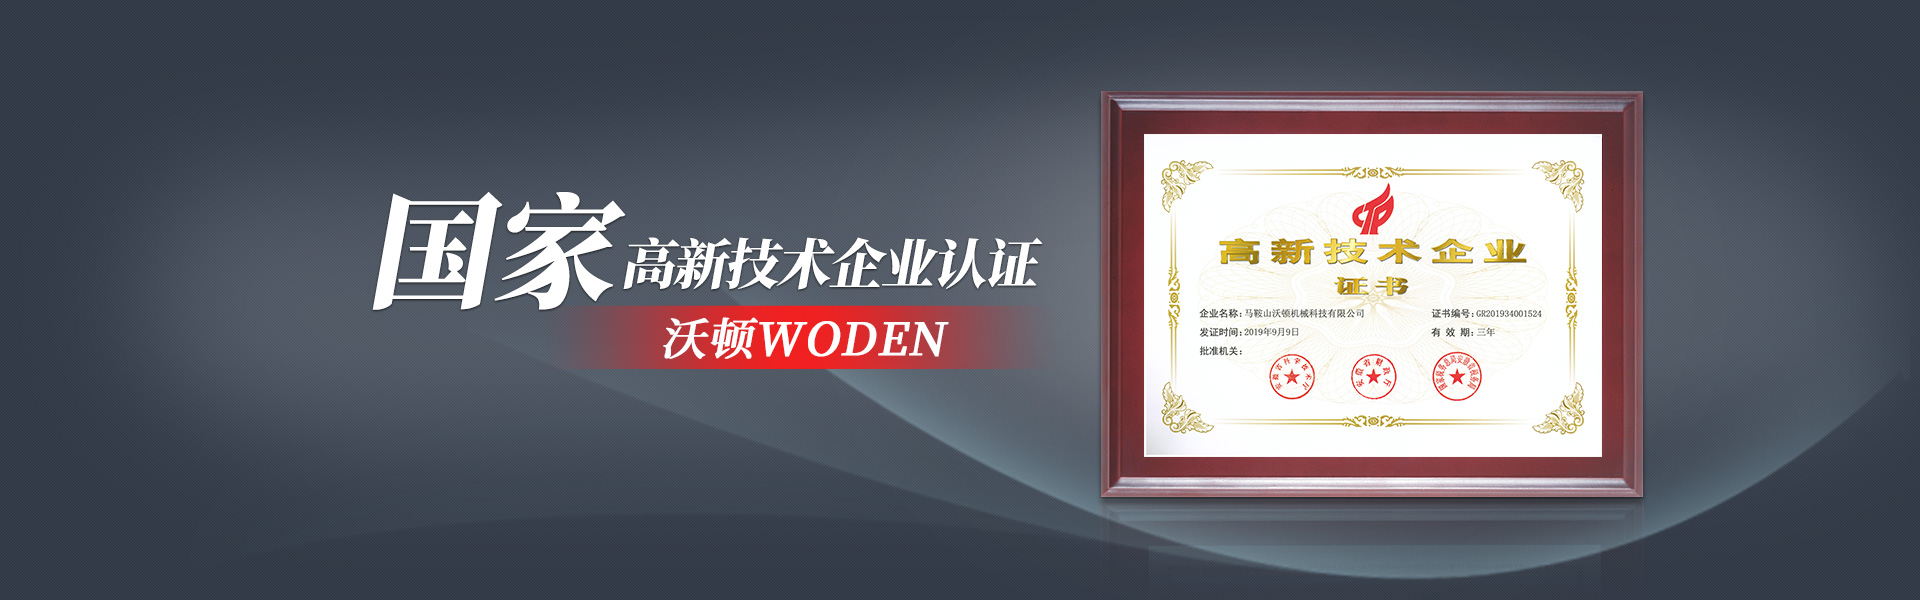 WODEN雷电竞网页获得国家高新技术企业认证